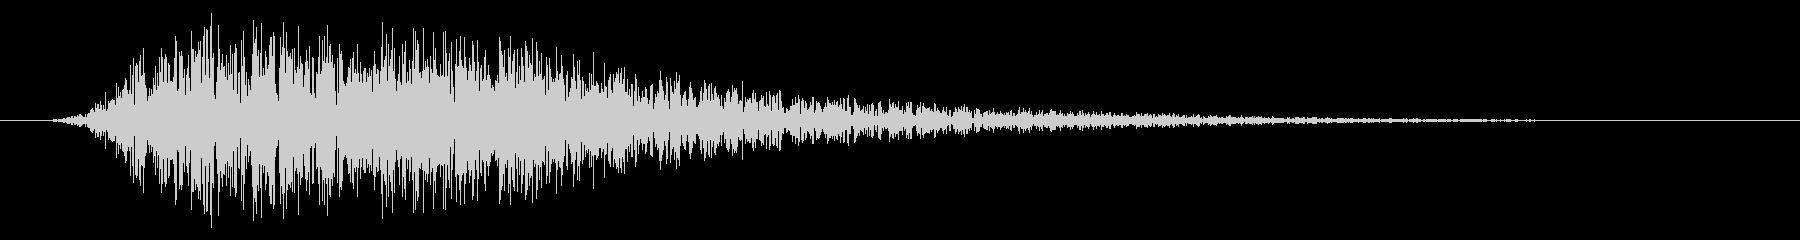 SNES 野球01-10(歓声)の未再生の波形